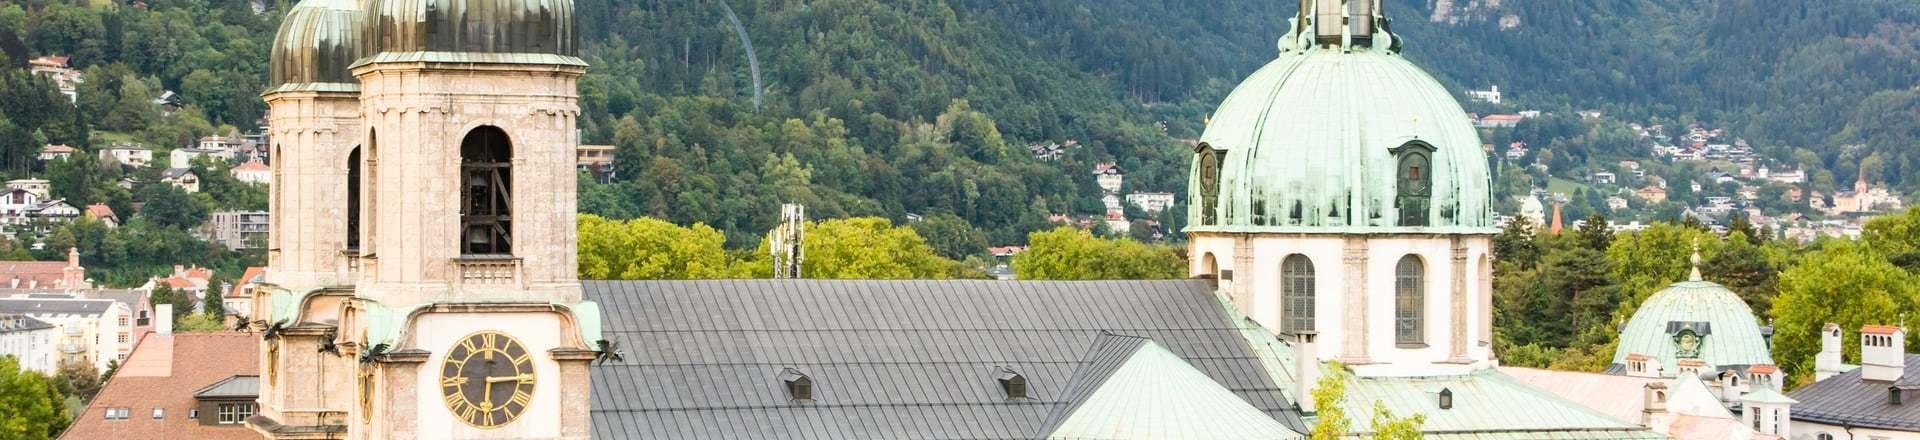 Hotel Innsbruck Gunstig